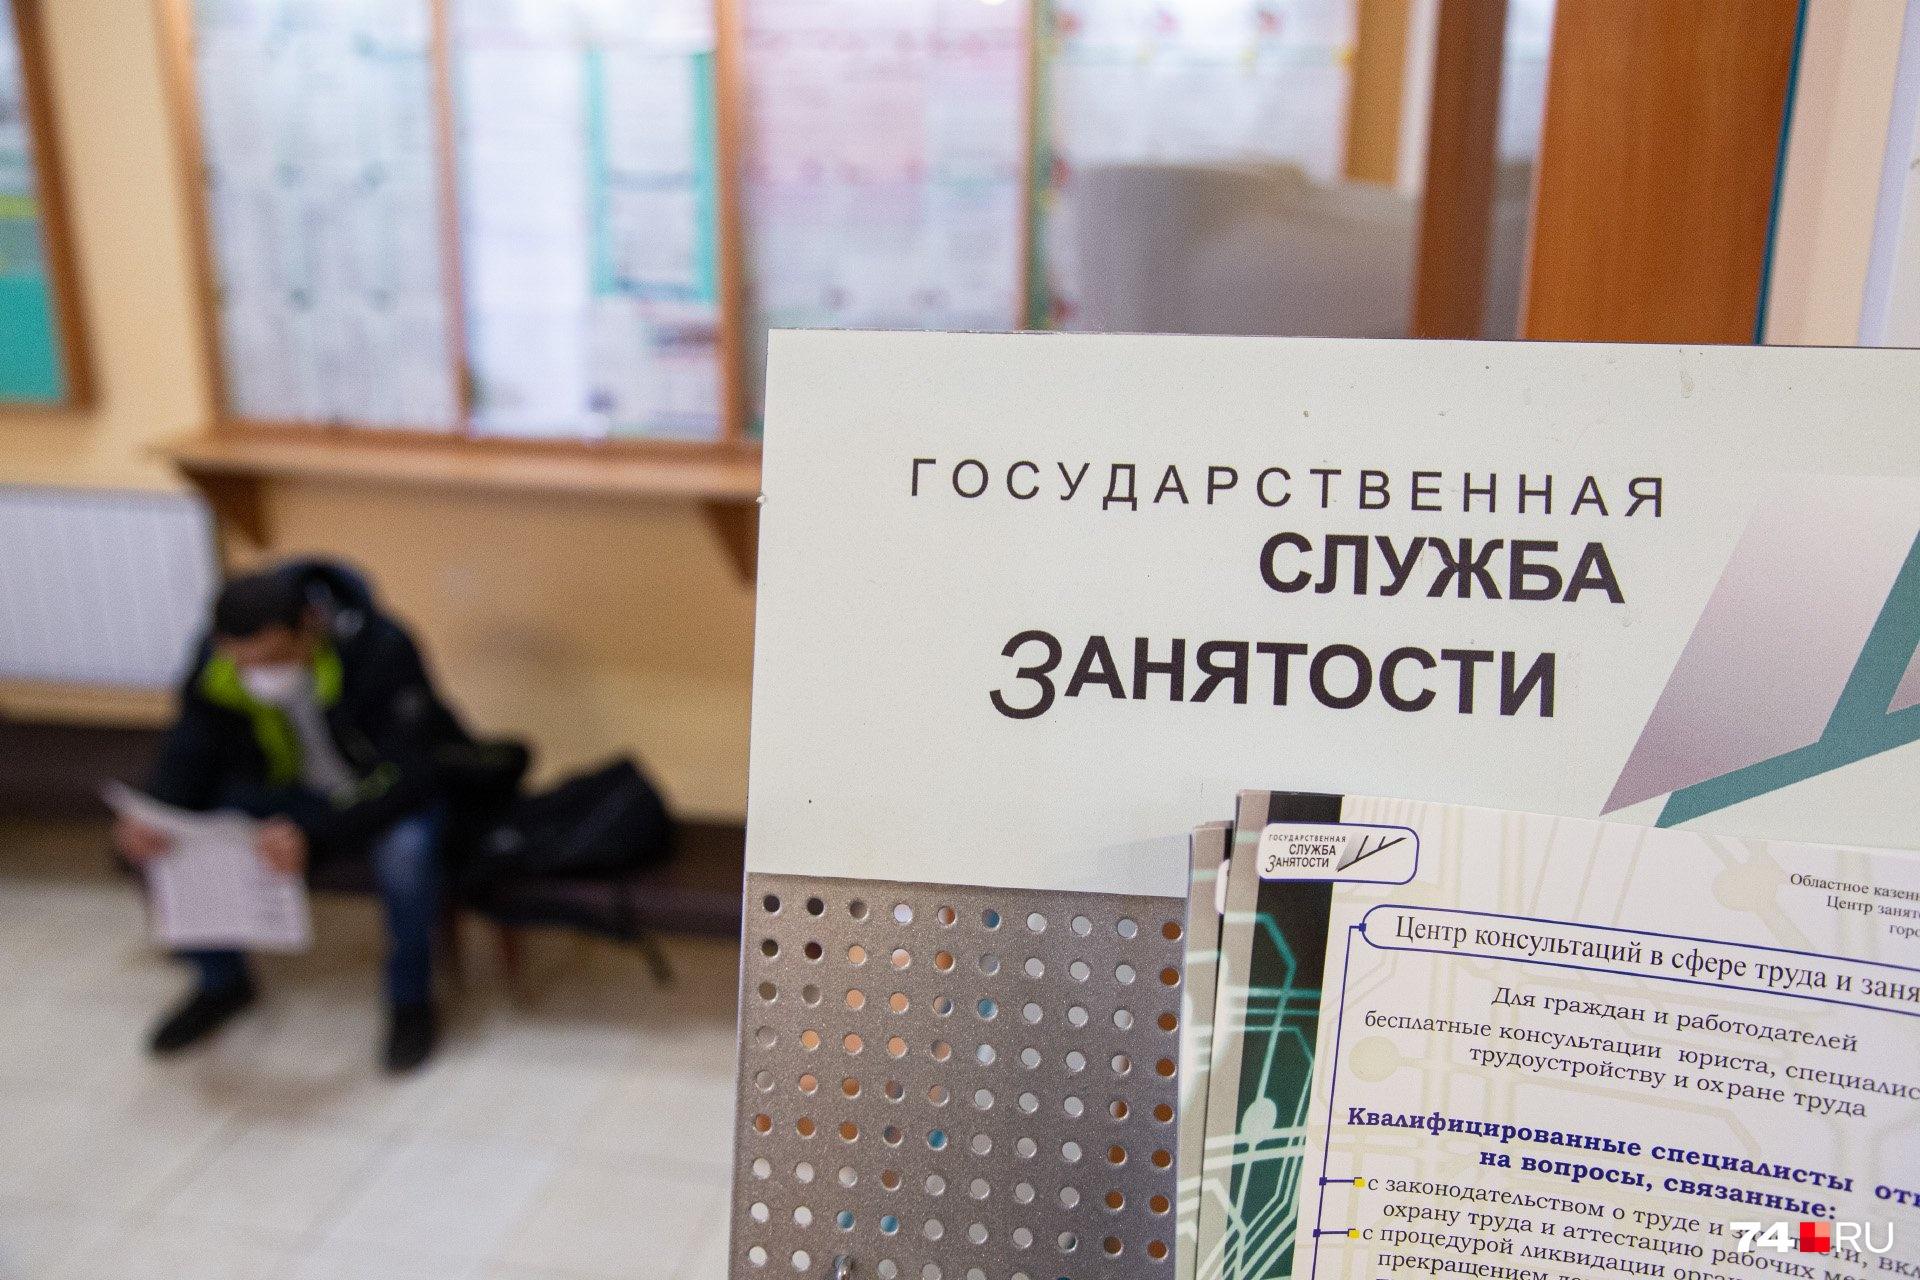 Предложенные меры снизят нагрузку на центры занятости: работодателям будет выгоднее сохранить работника